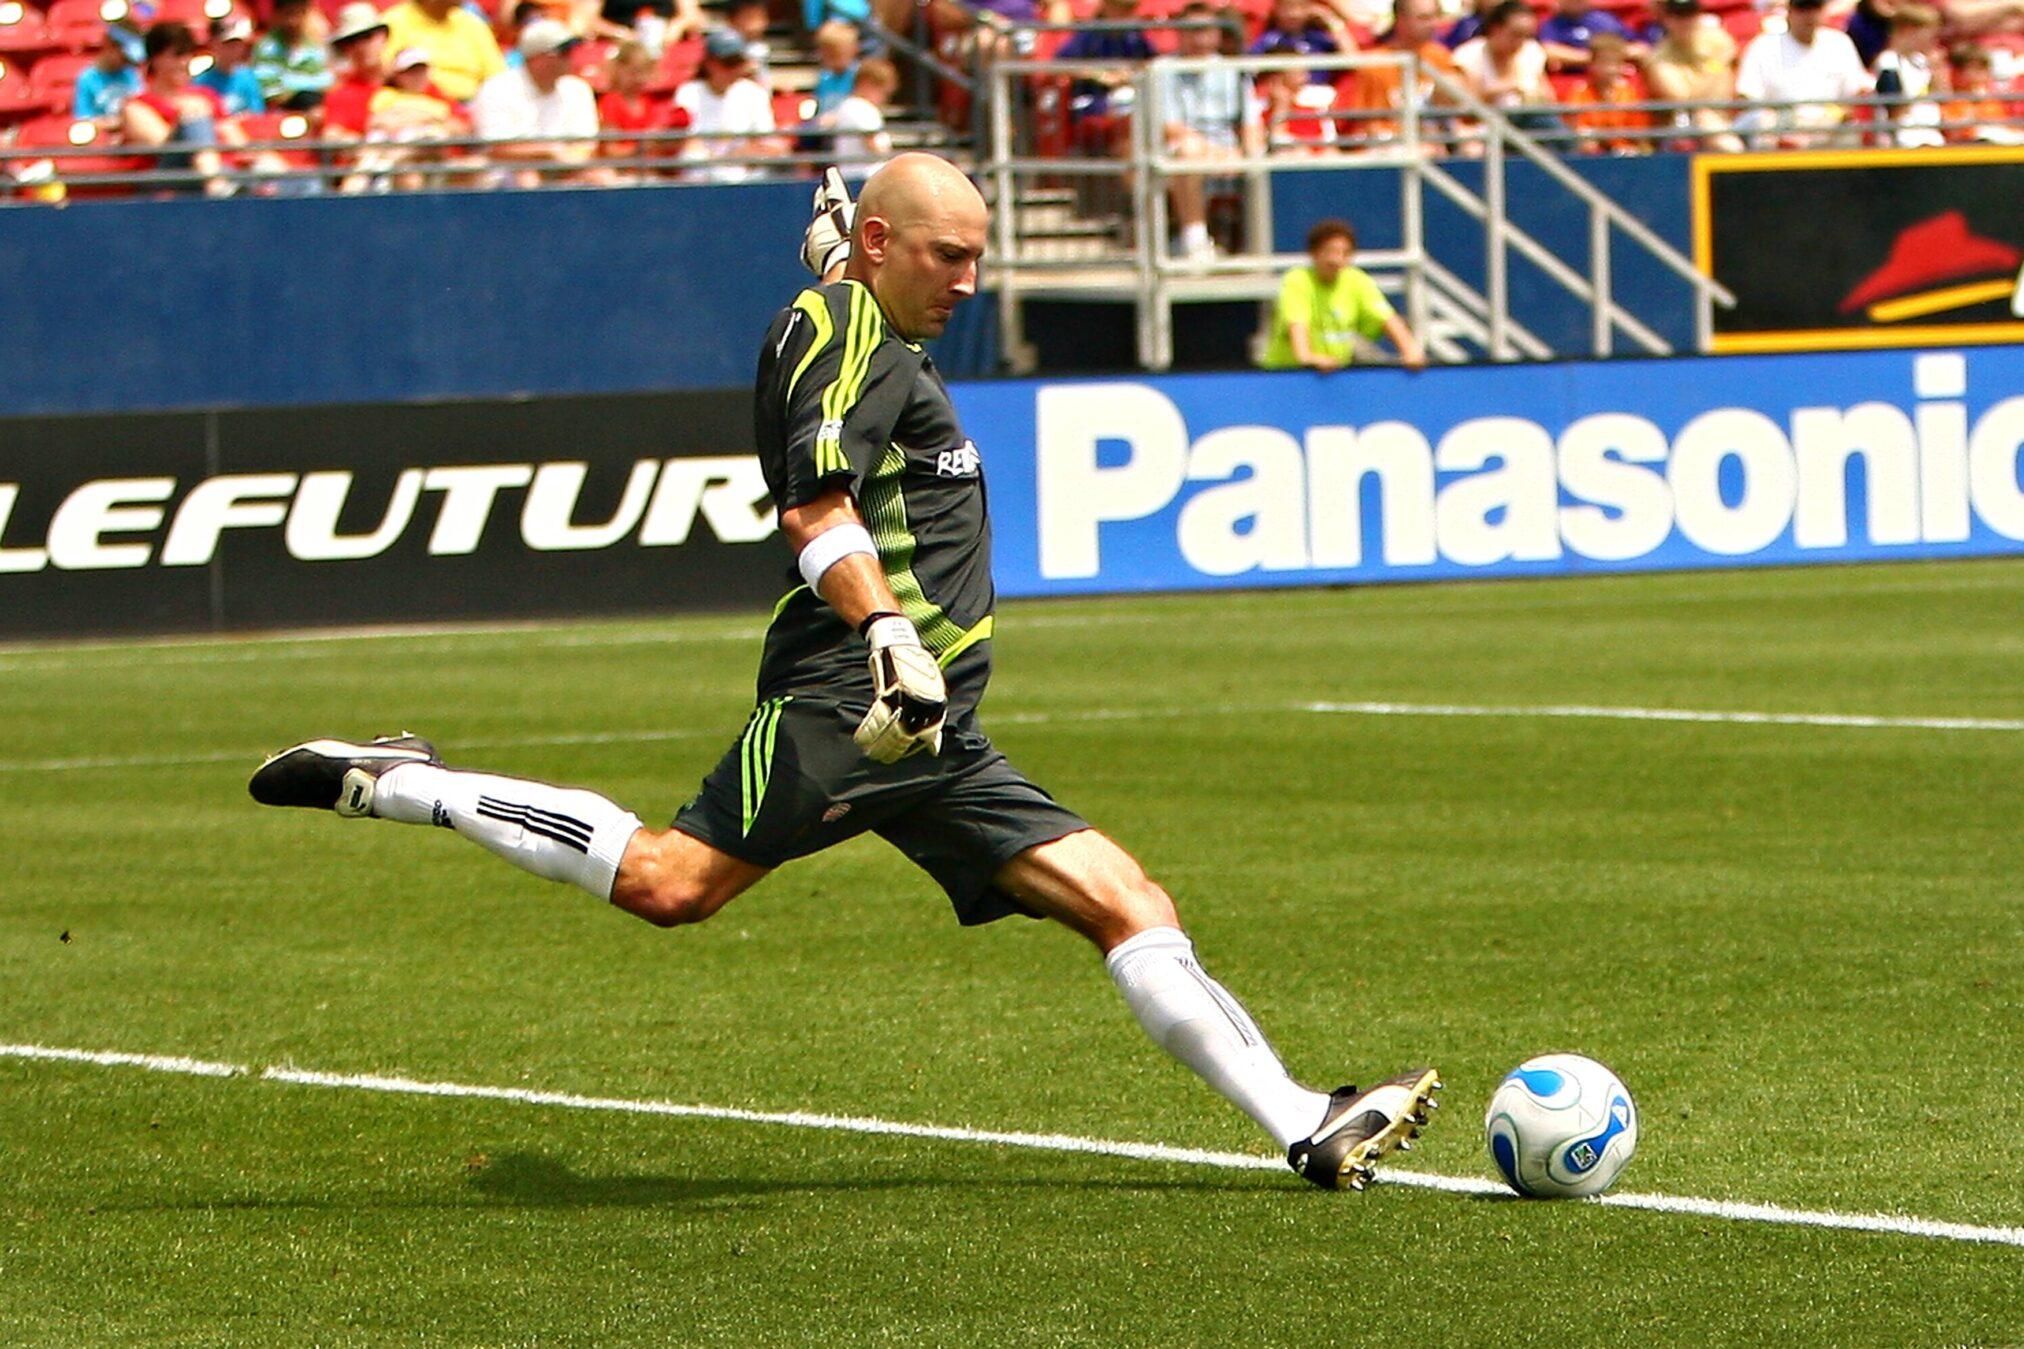 Ставка «первый гол ногой» в футболе